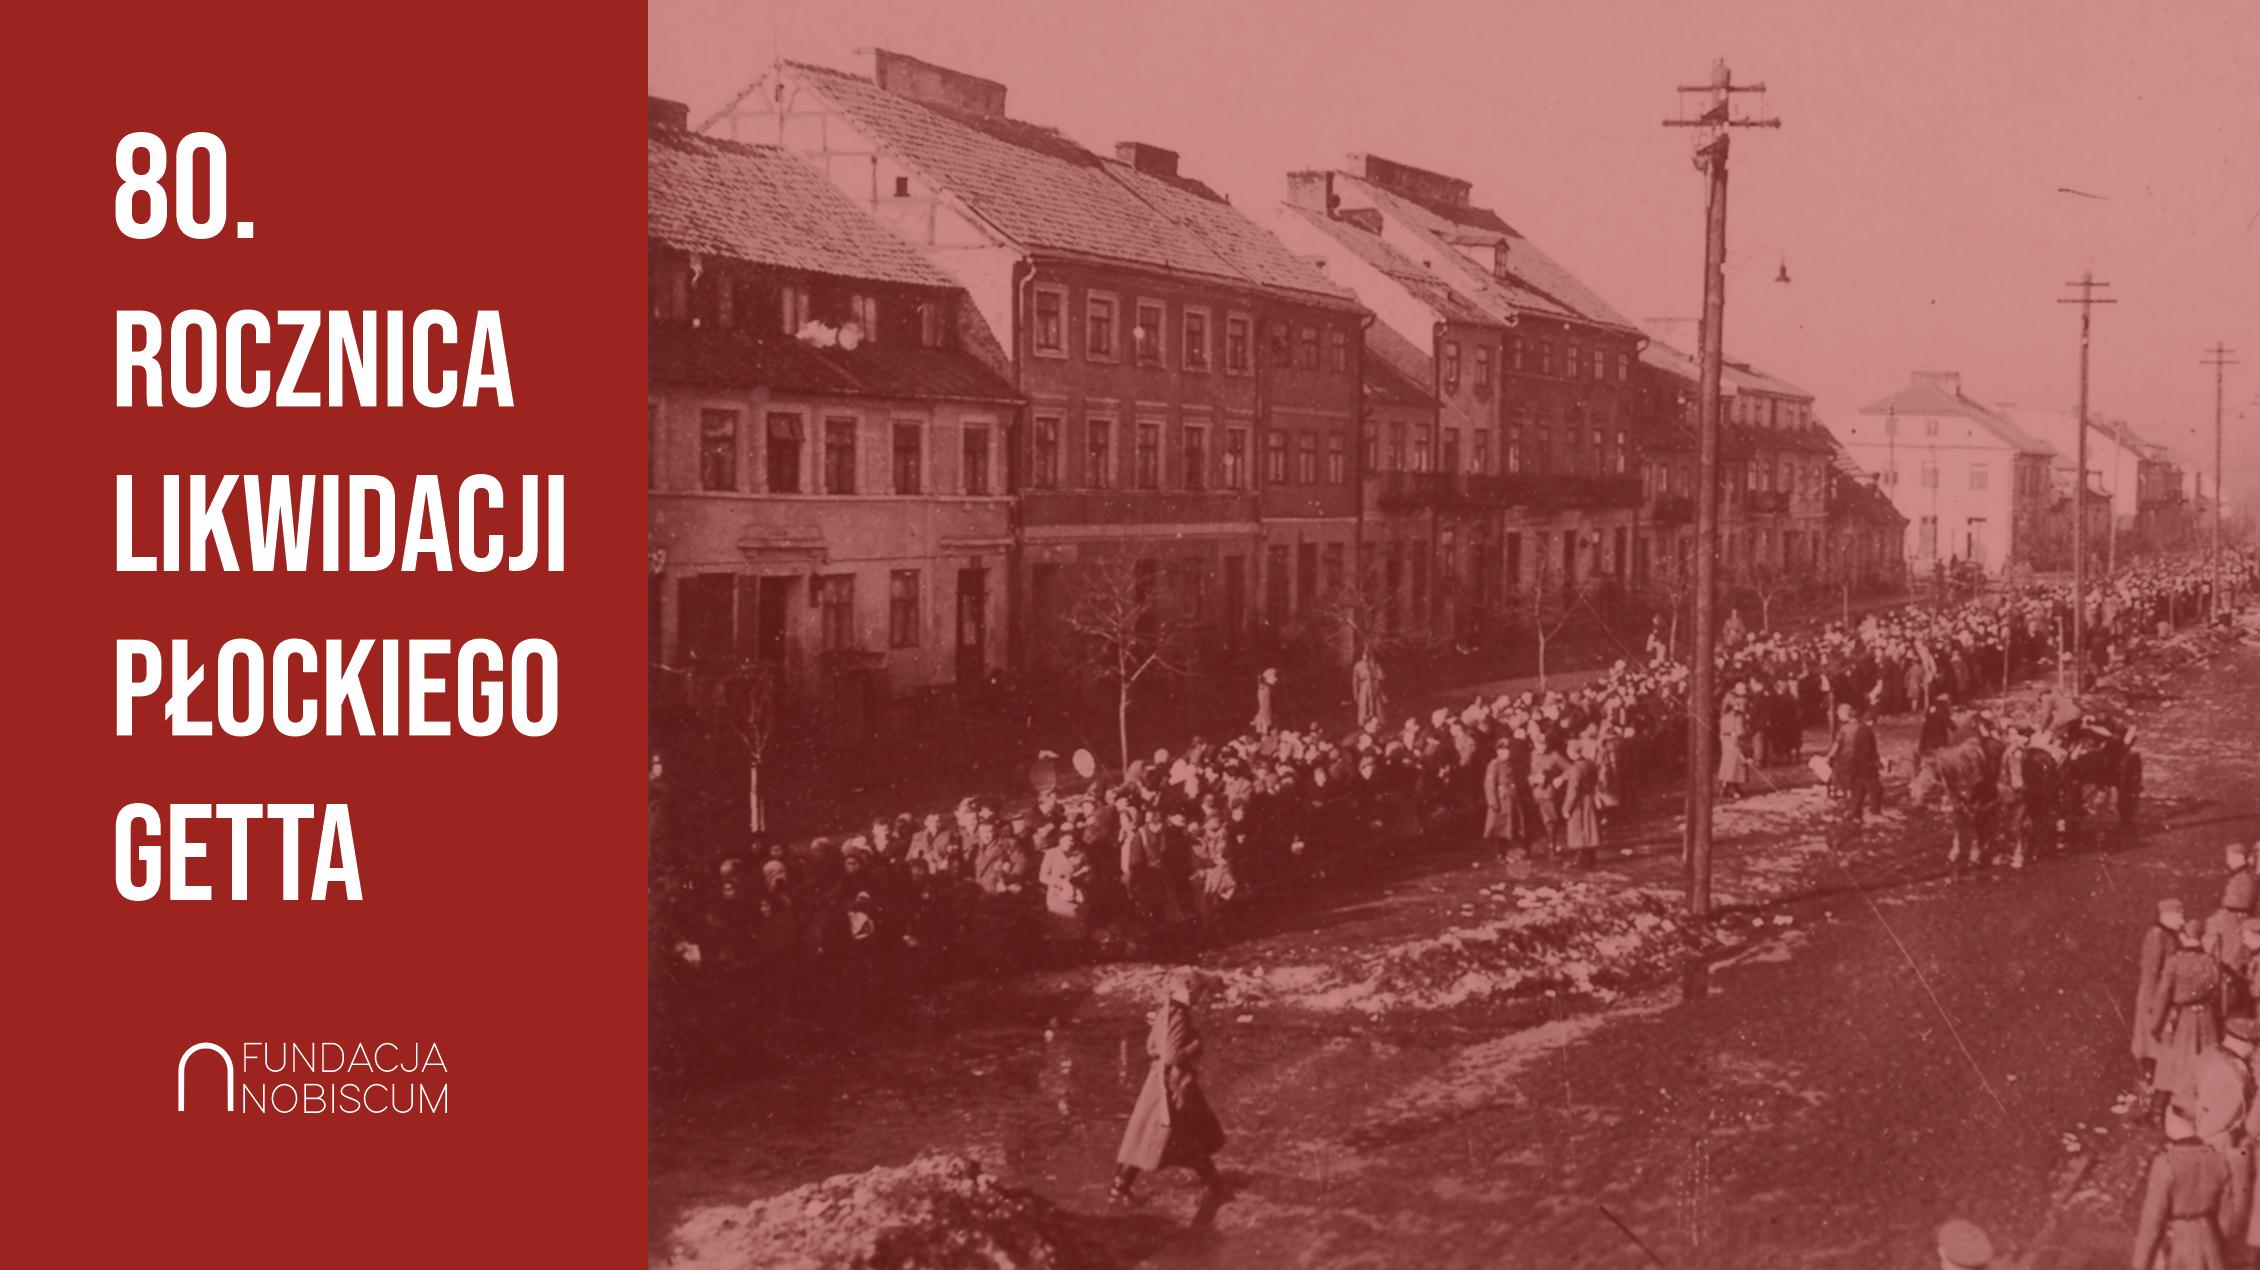 80. rocznica likwidacji płockiego getta